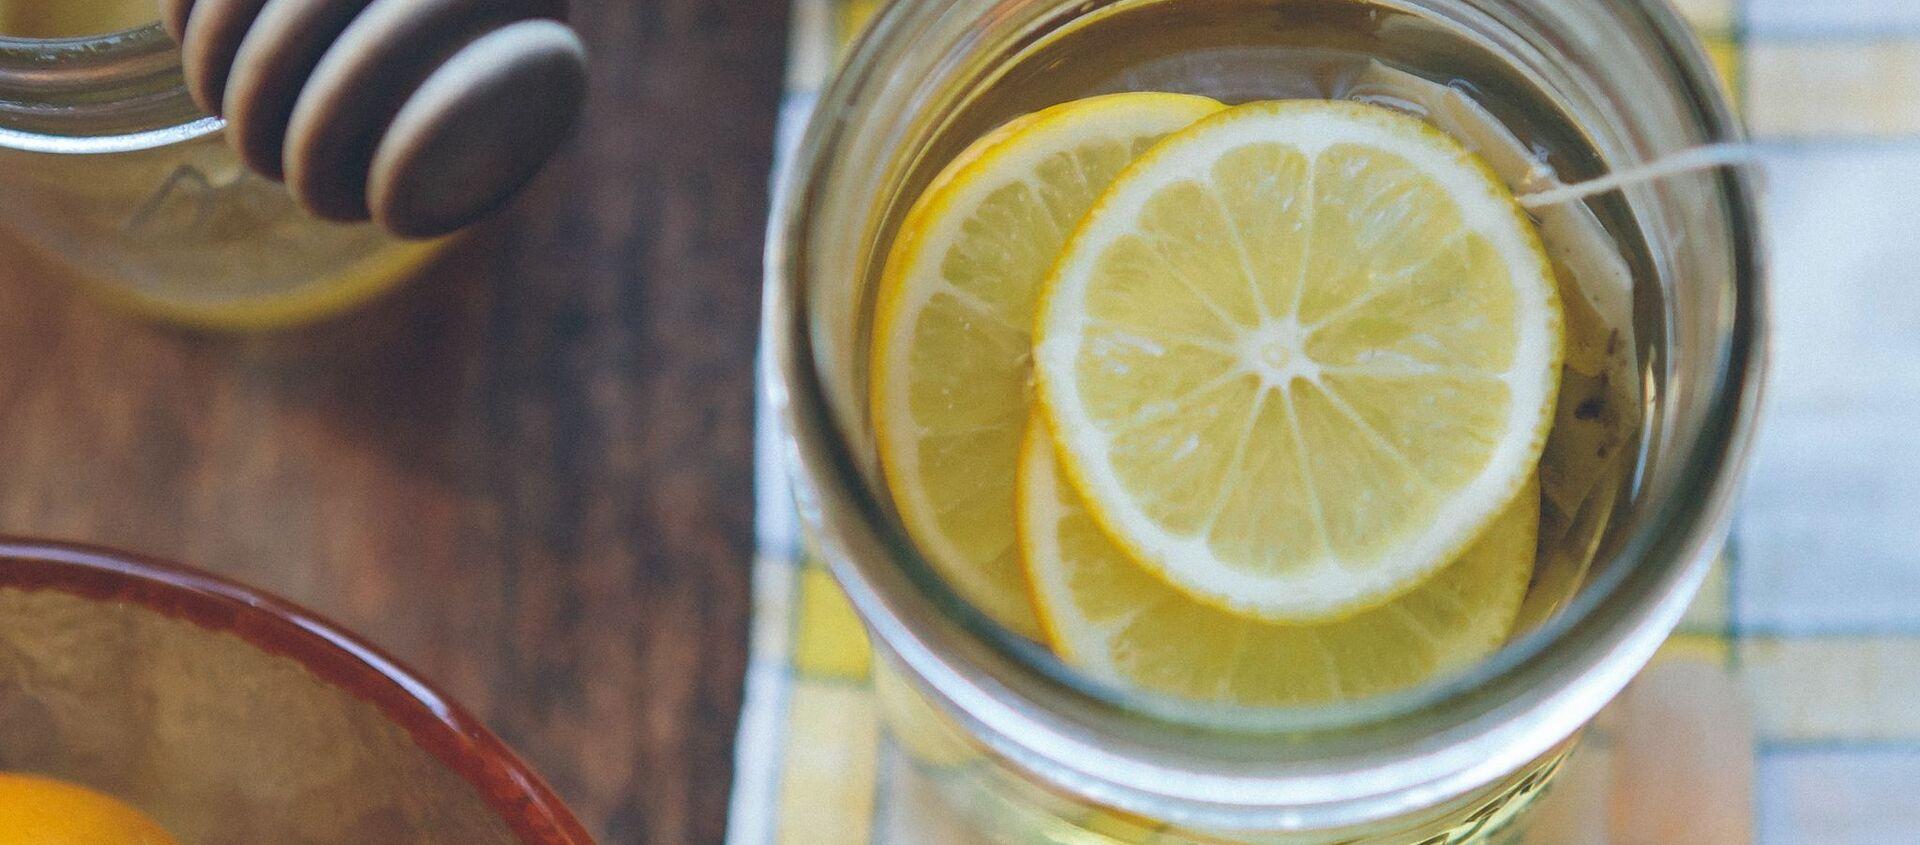 Un té con unas rodajas de limón - Sputnik Mundo, 1920, 28.01.2021